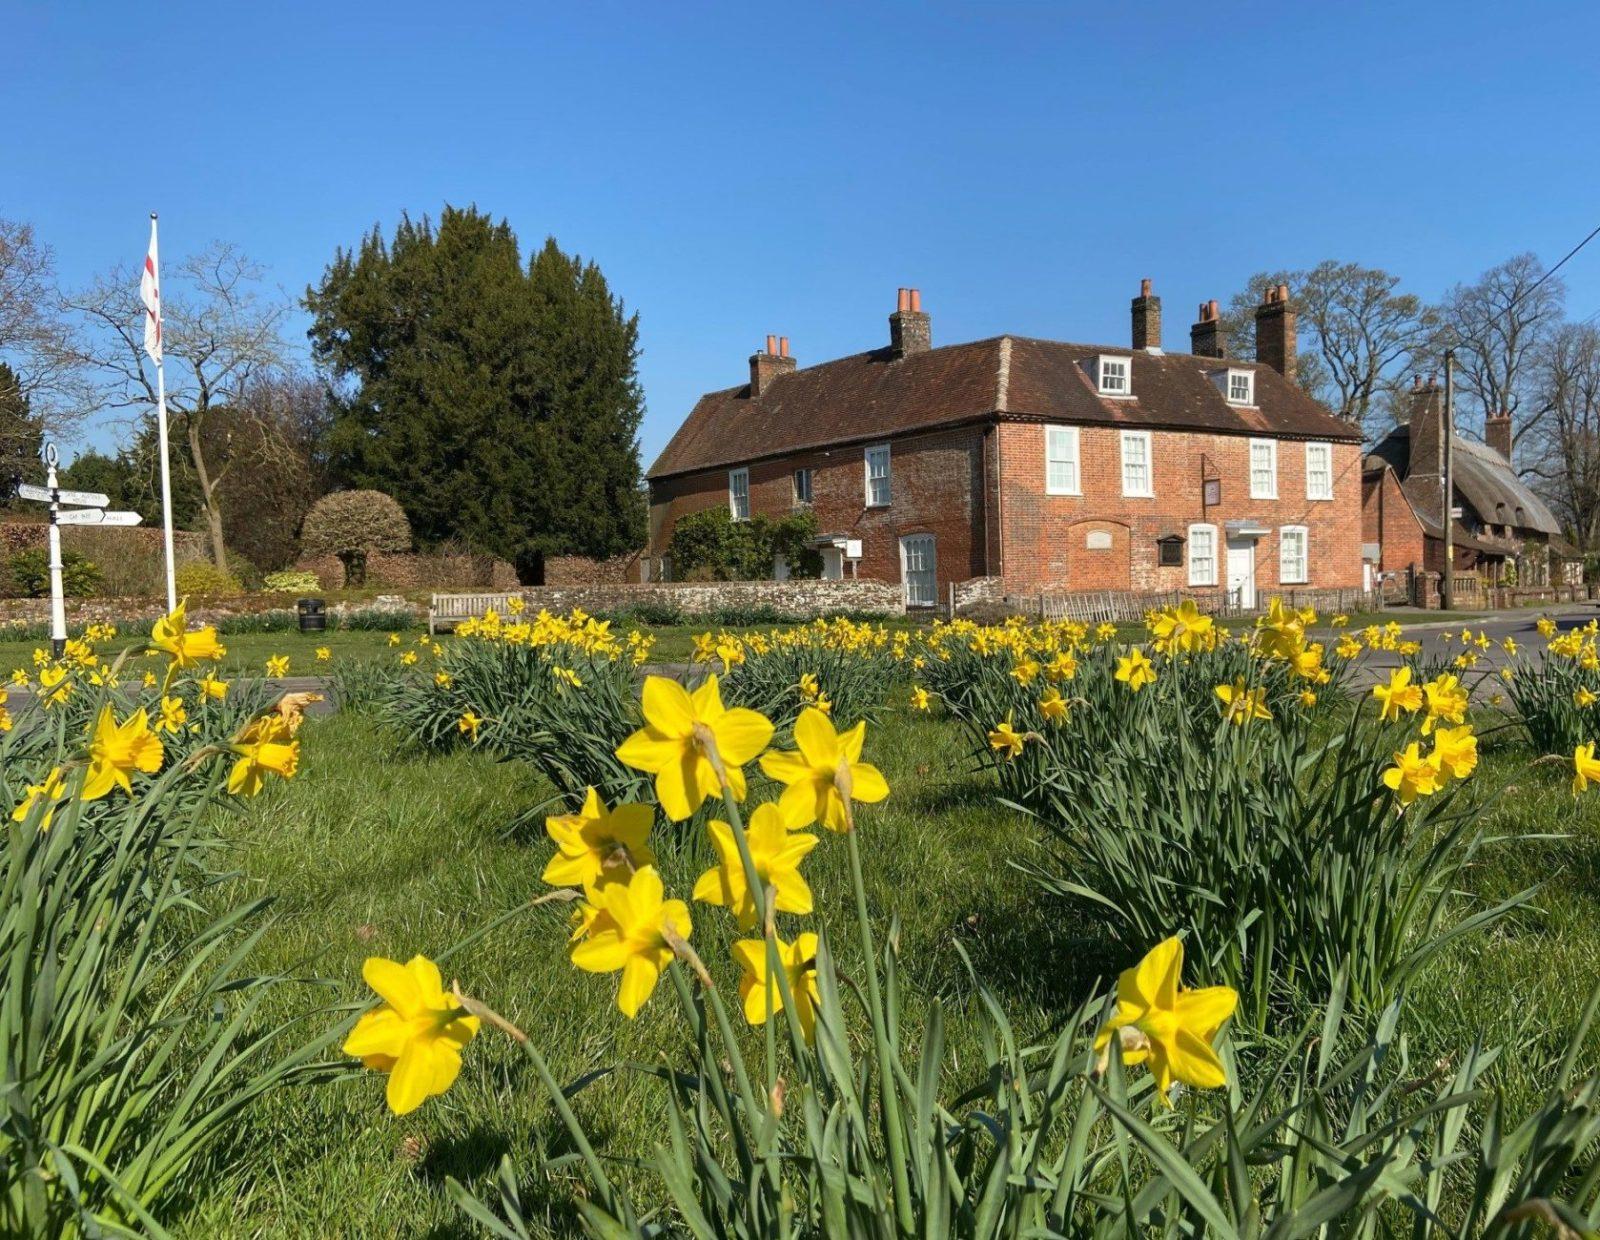 Jane Austen's House Survival Appeal